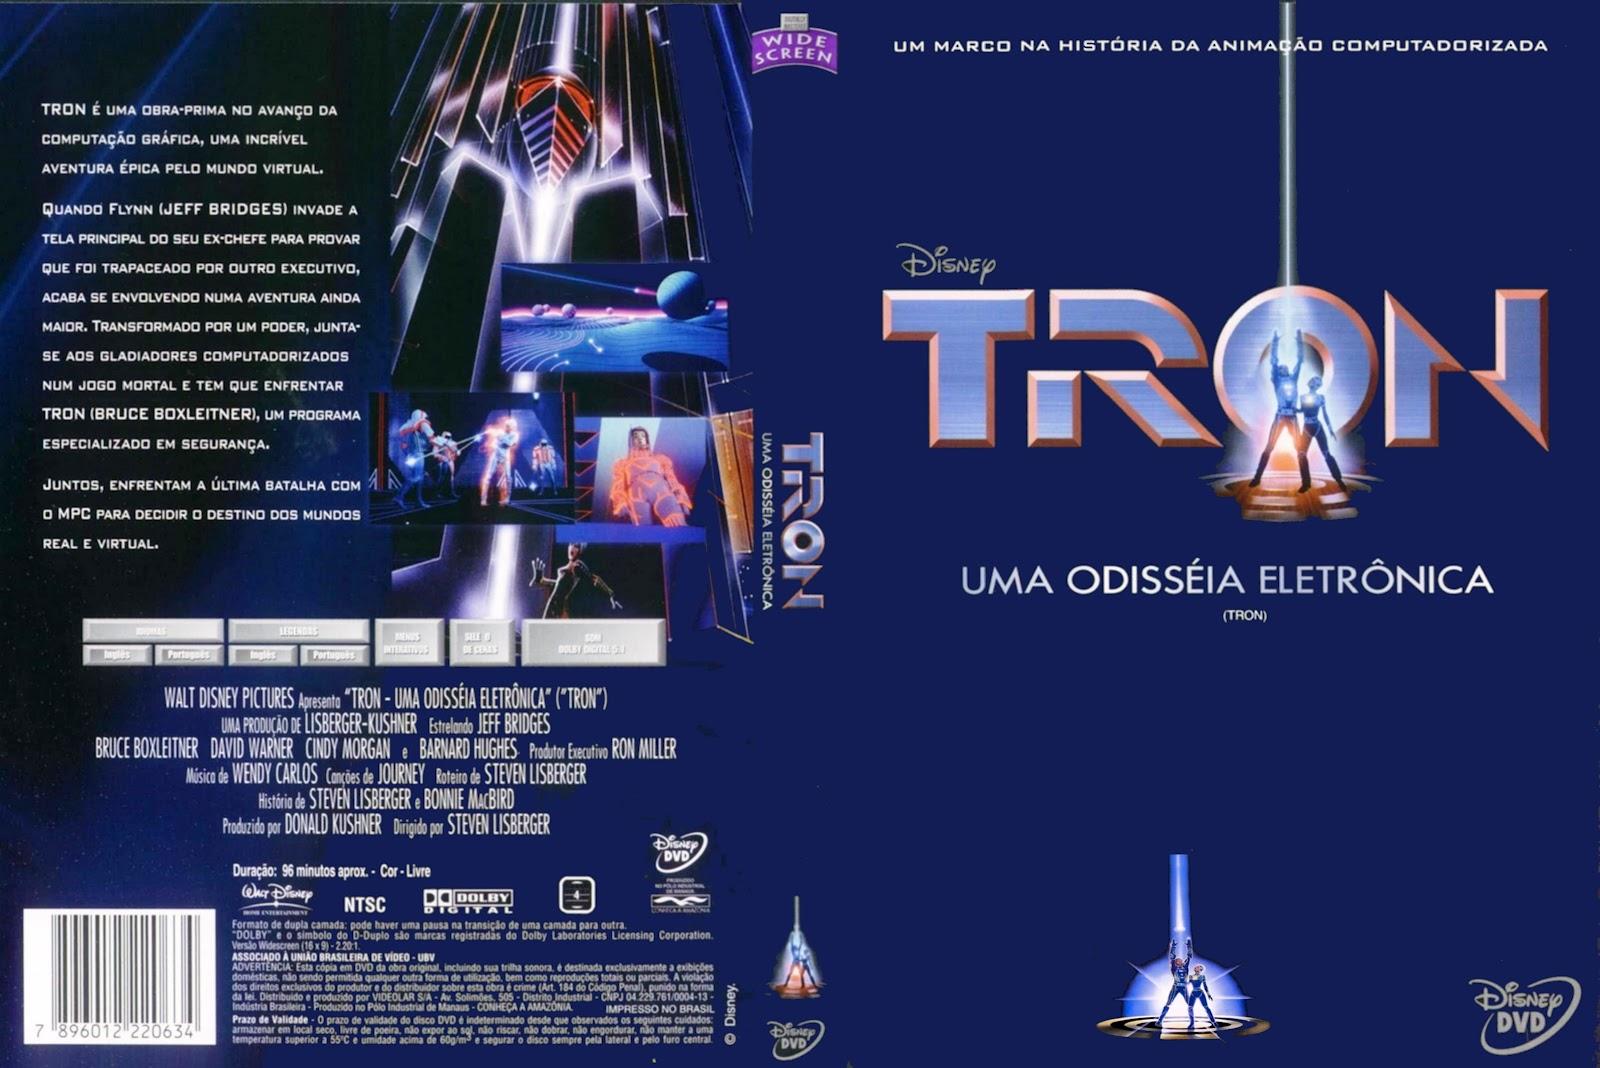 cap-do-filme-Tron-UmaOdisseia-Eletronica